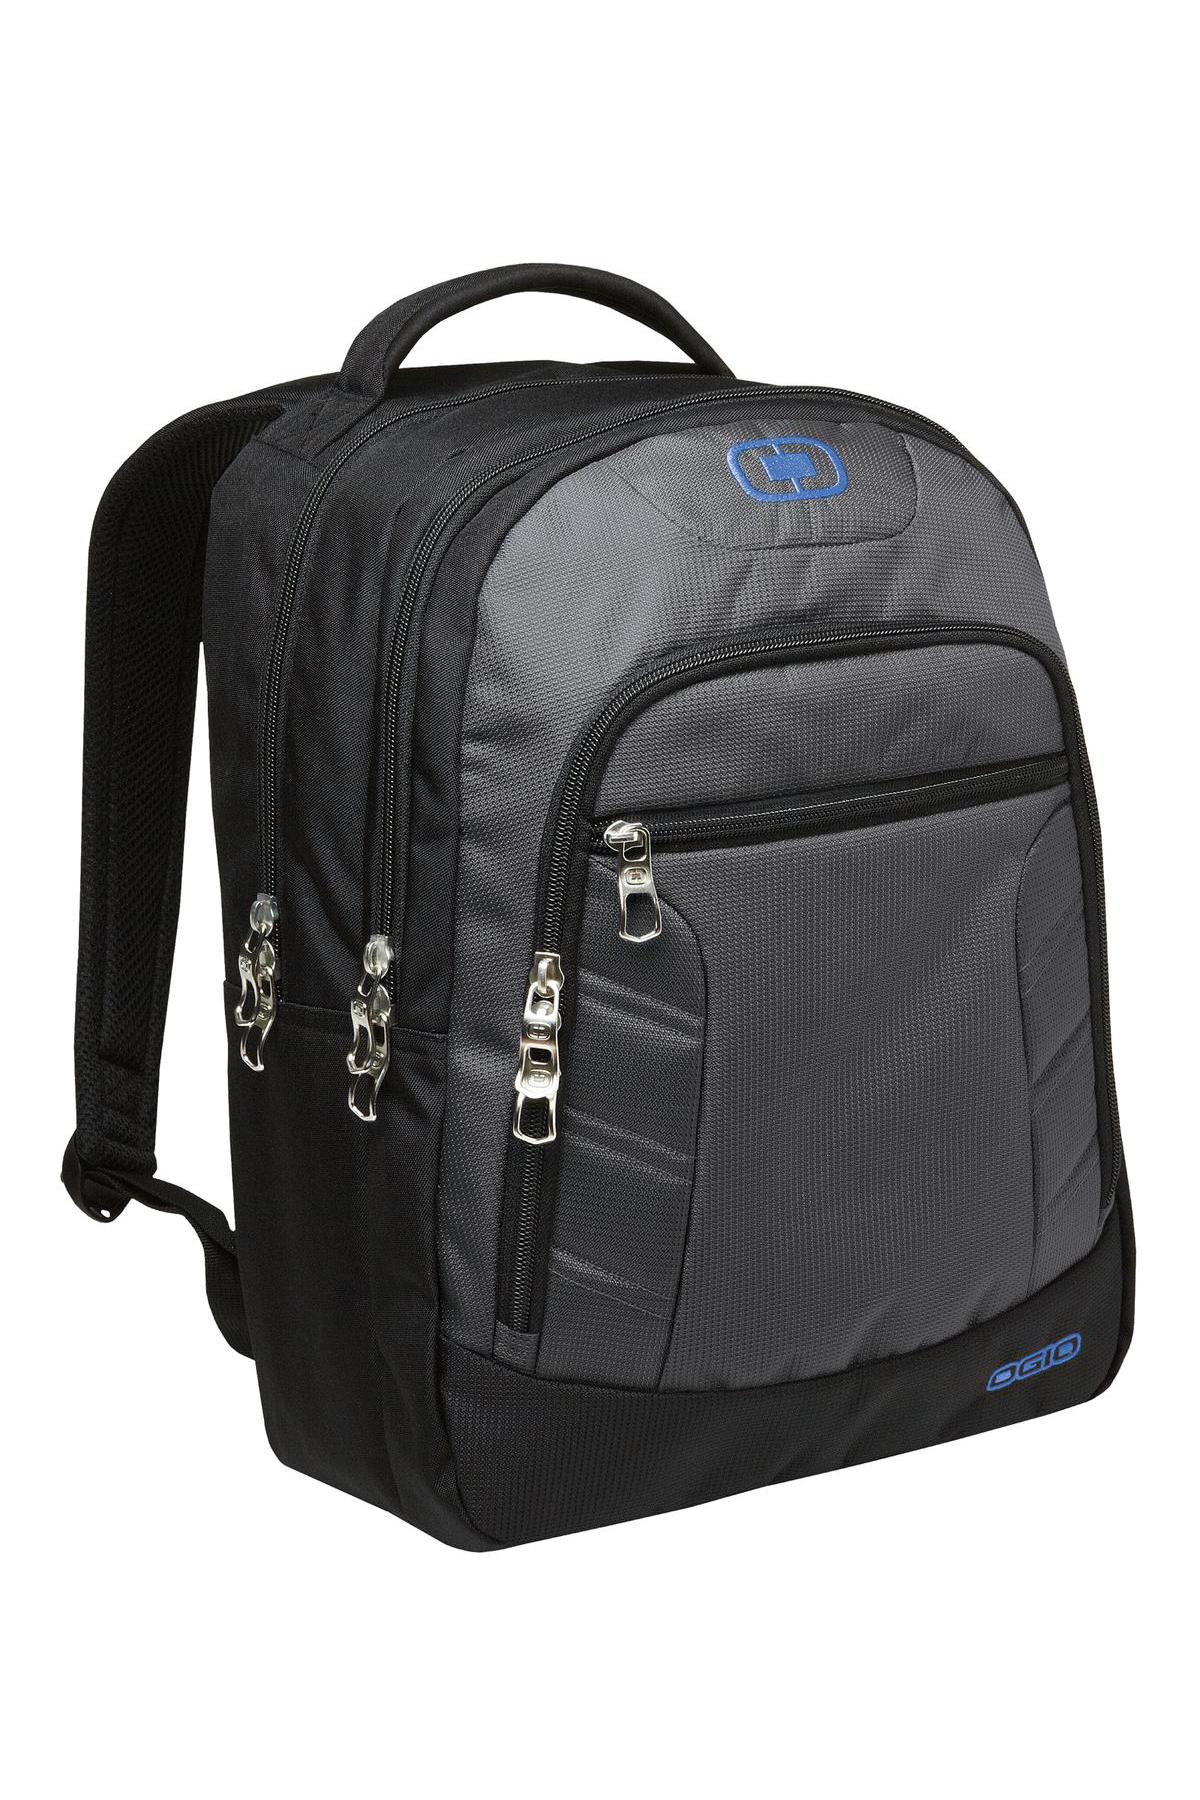 Bags-Backpacks-10